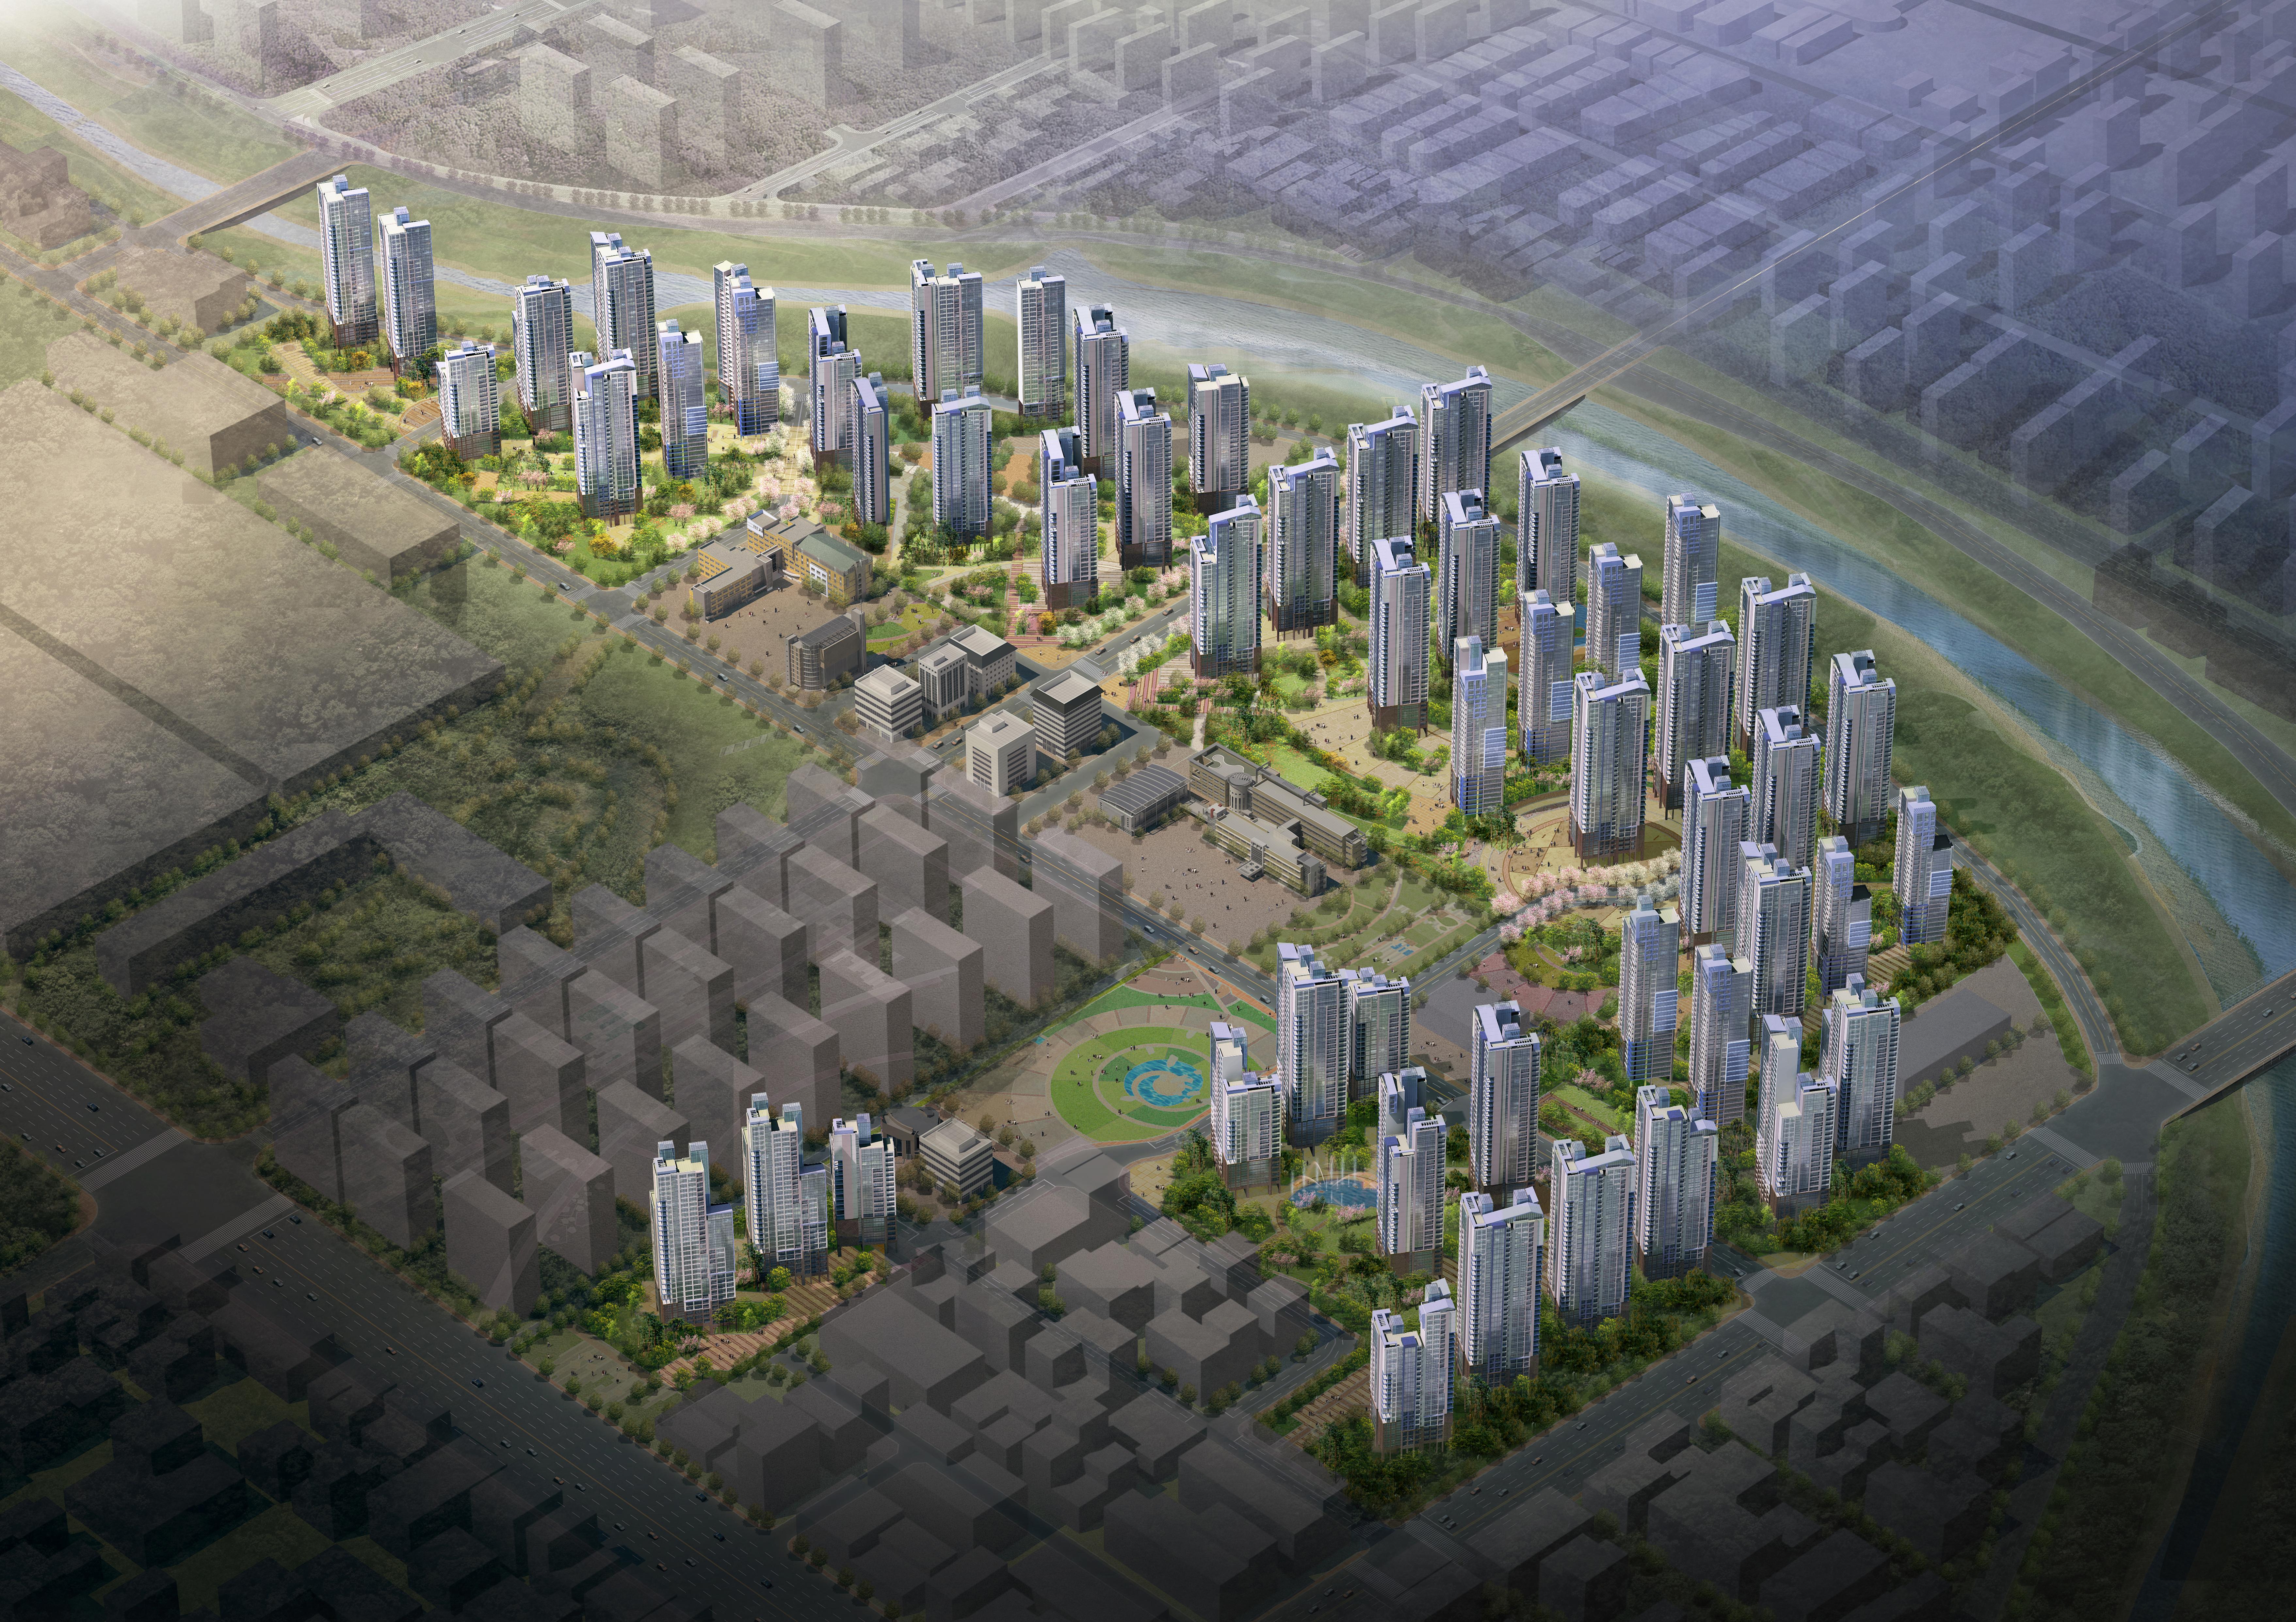 01_31.광주 광천동 주택재개발 정비사업(2013)